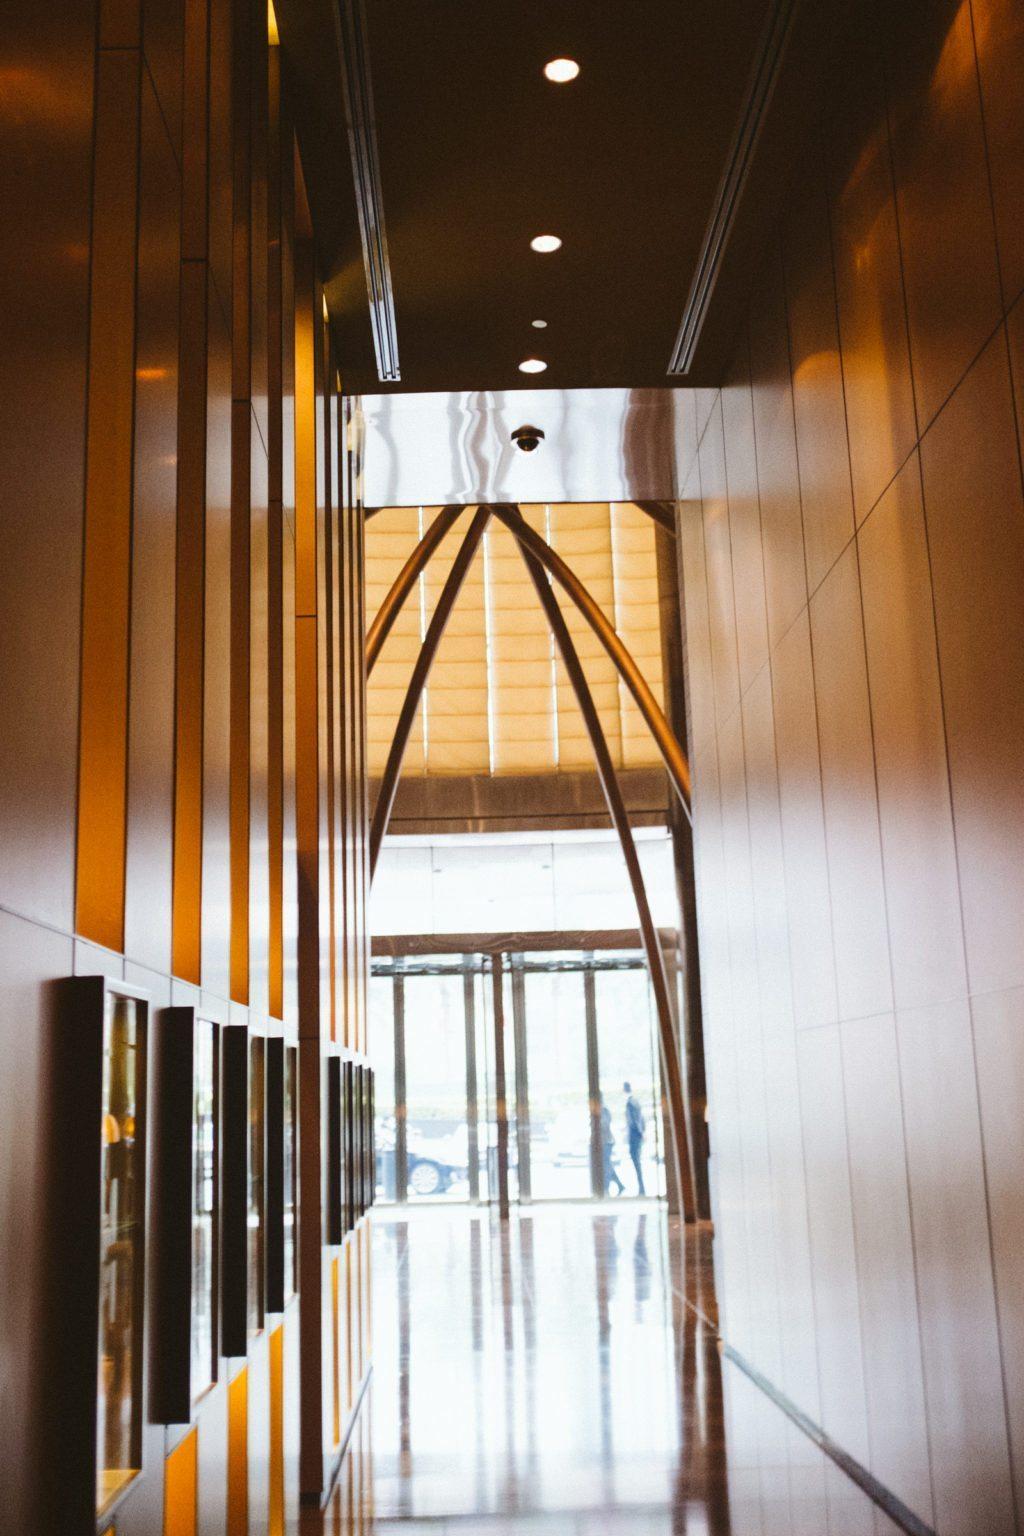 armani-hotel-dubai-8703